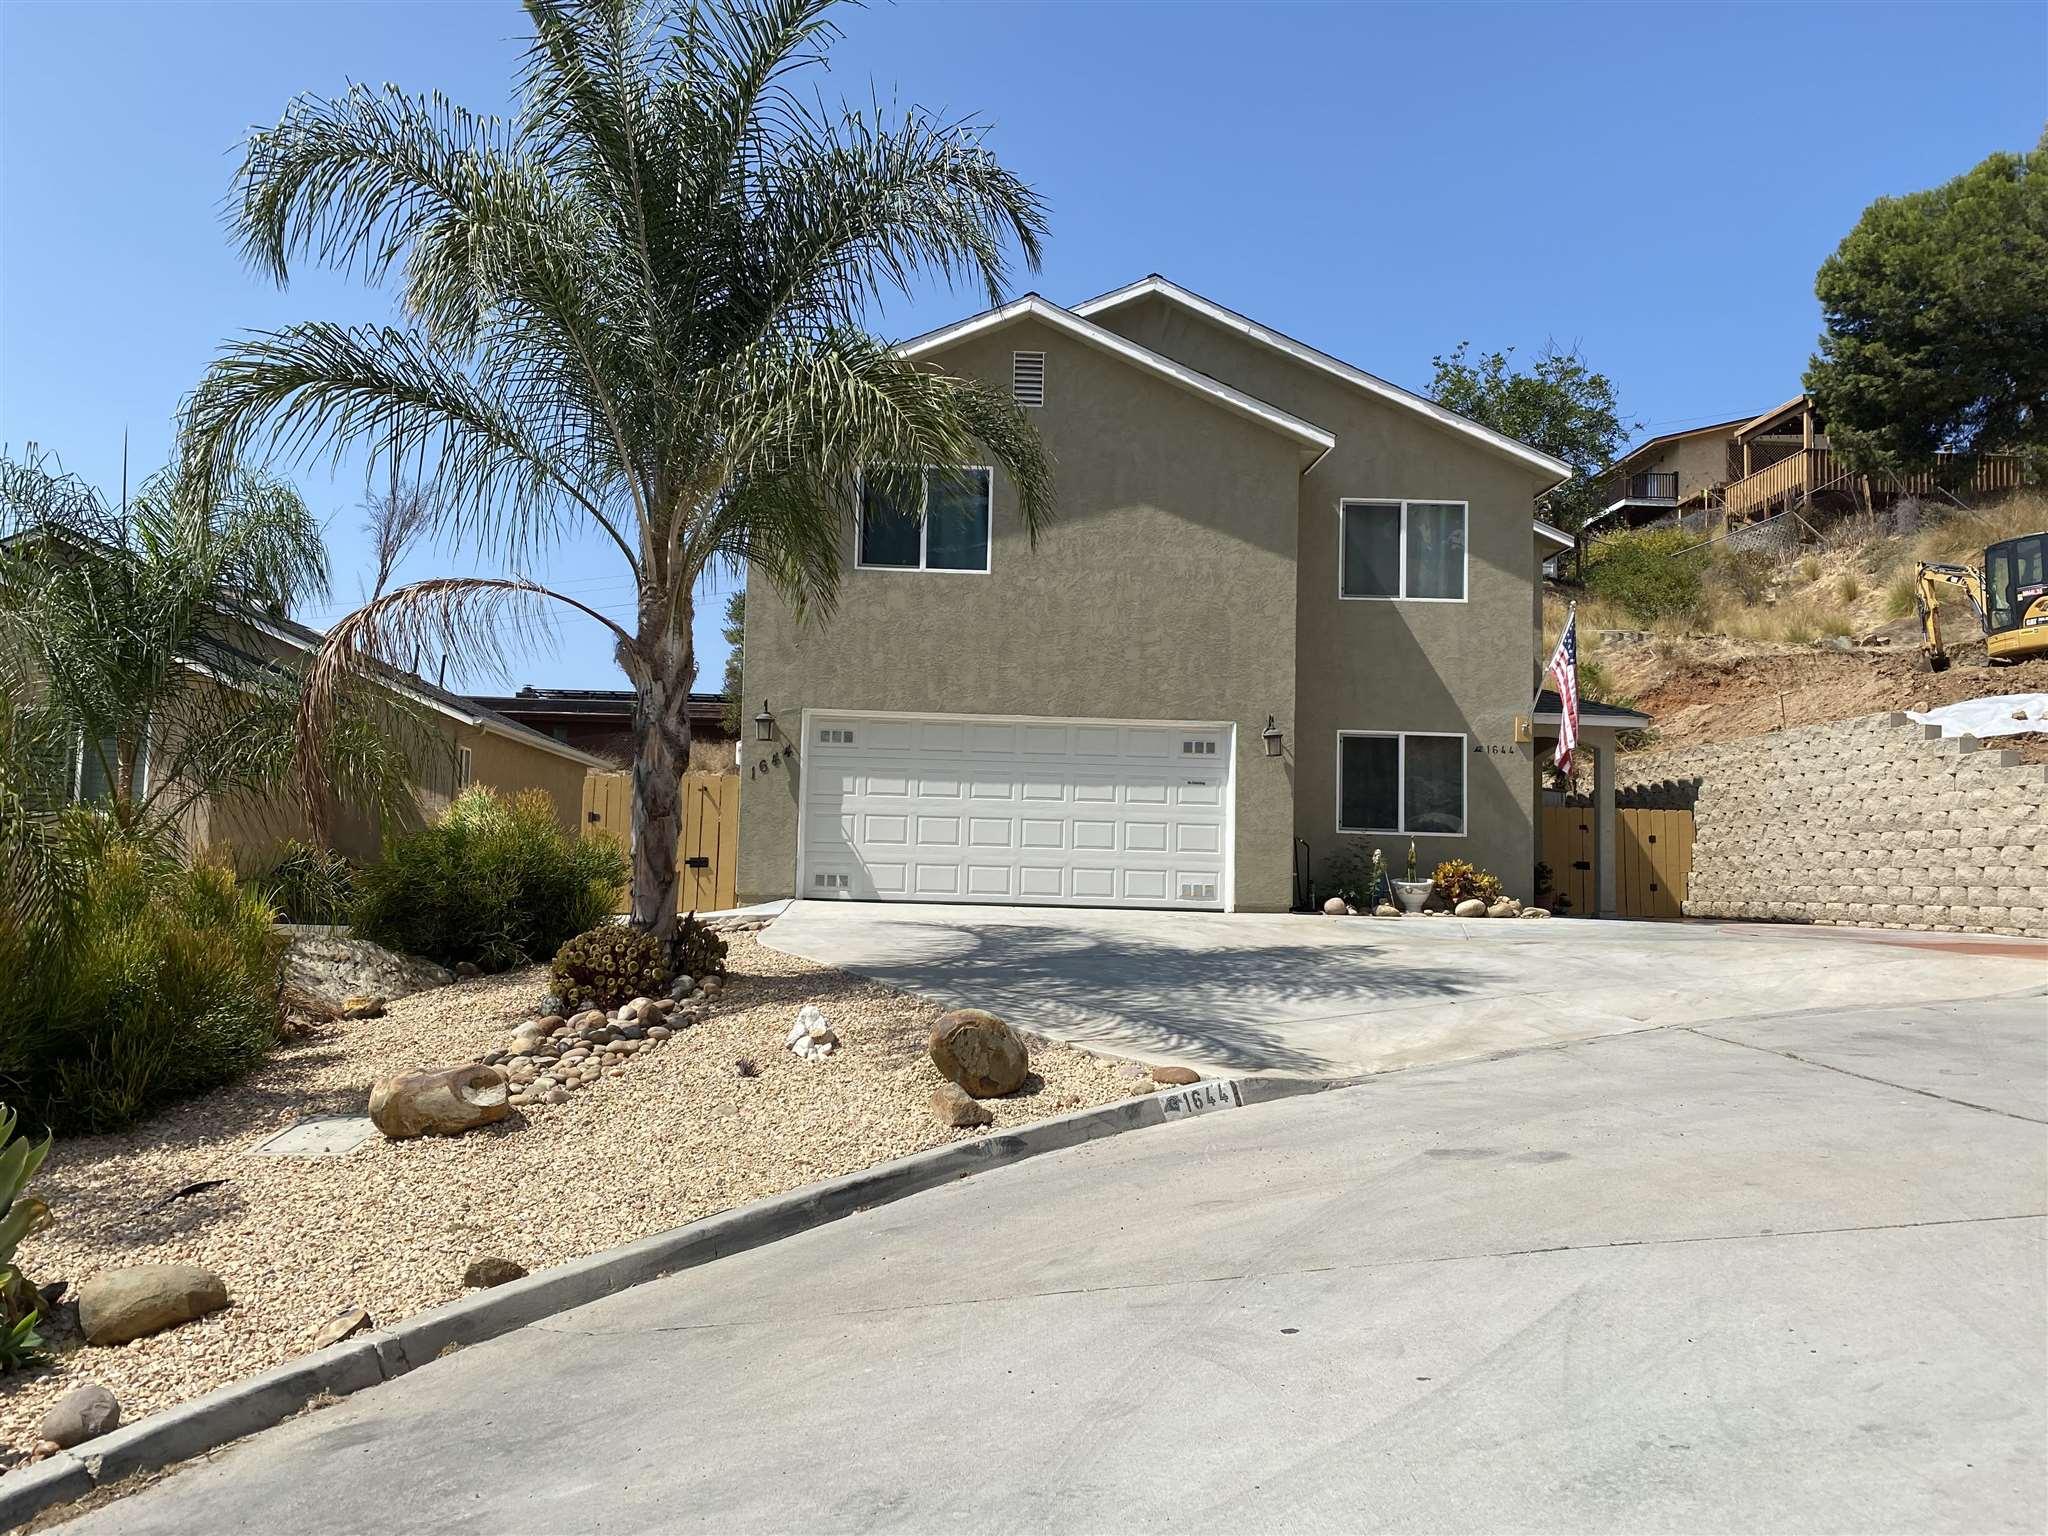 1644 Paraiso Ave, Spring Valley, CA 91977